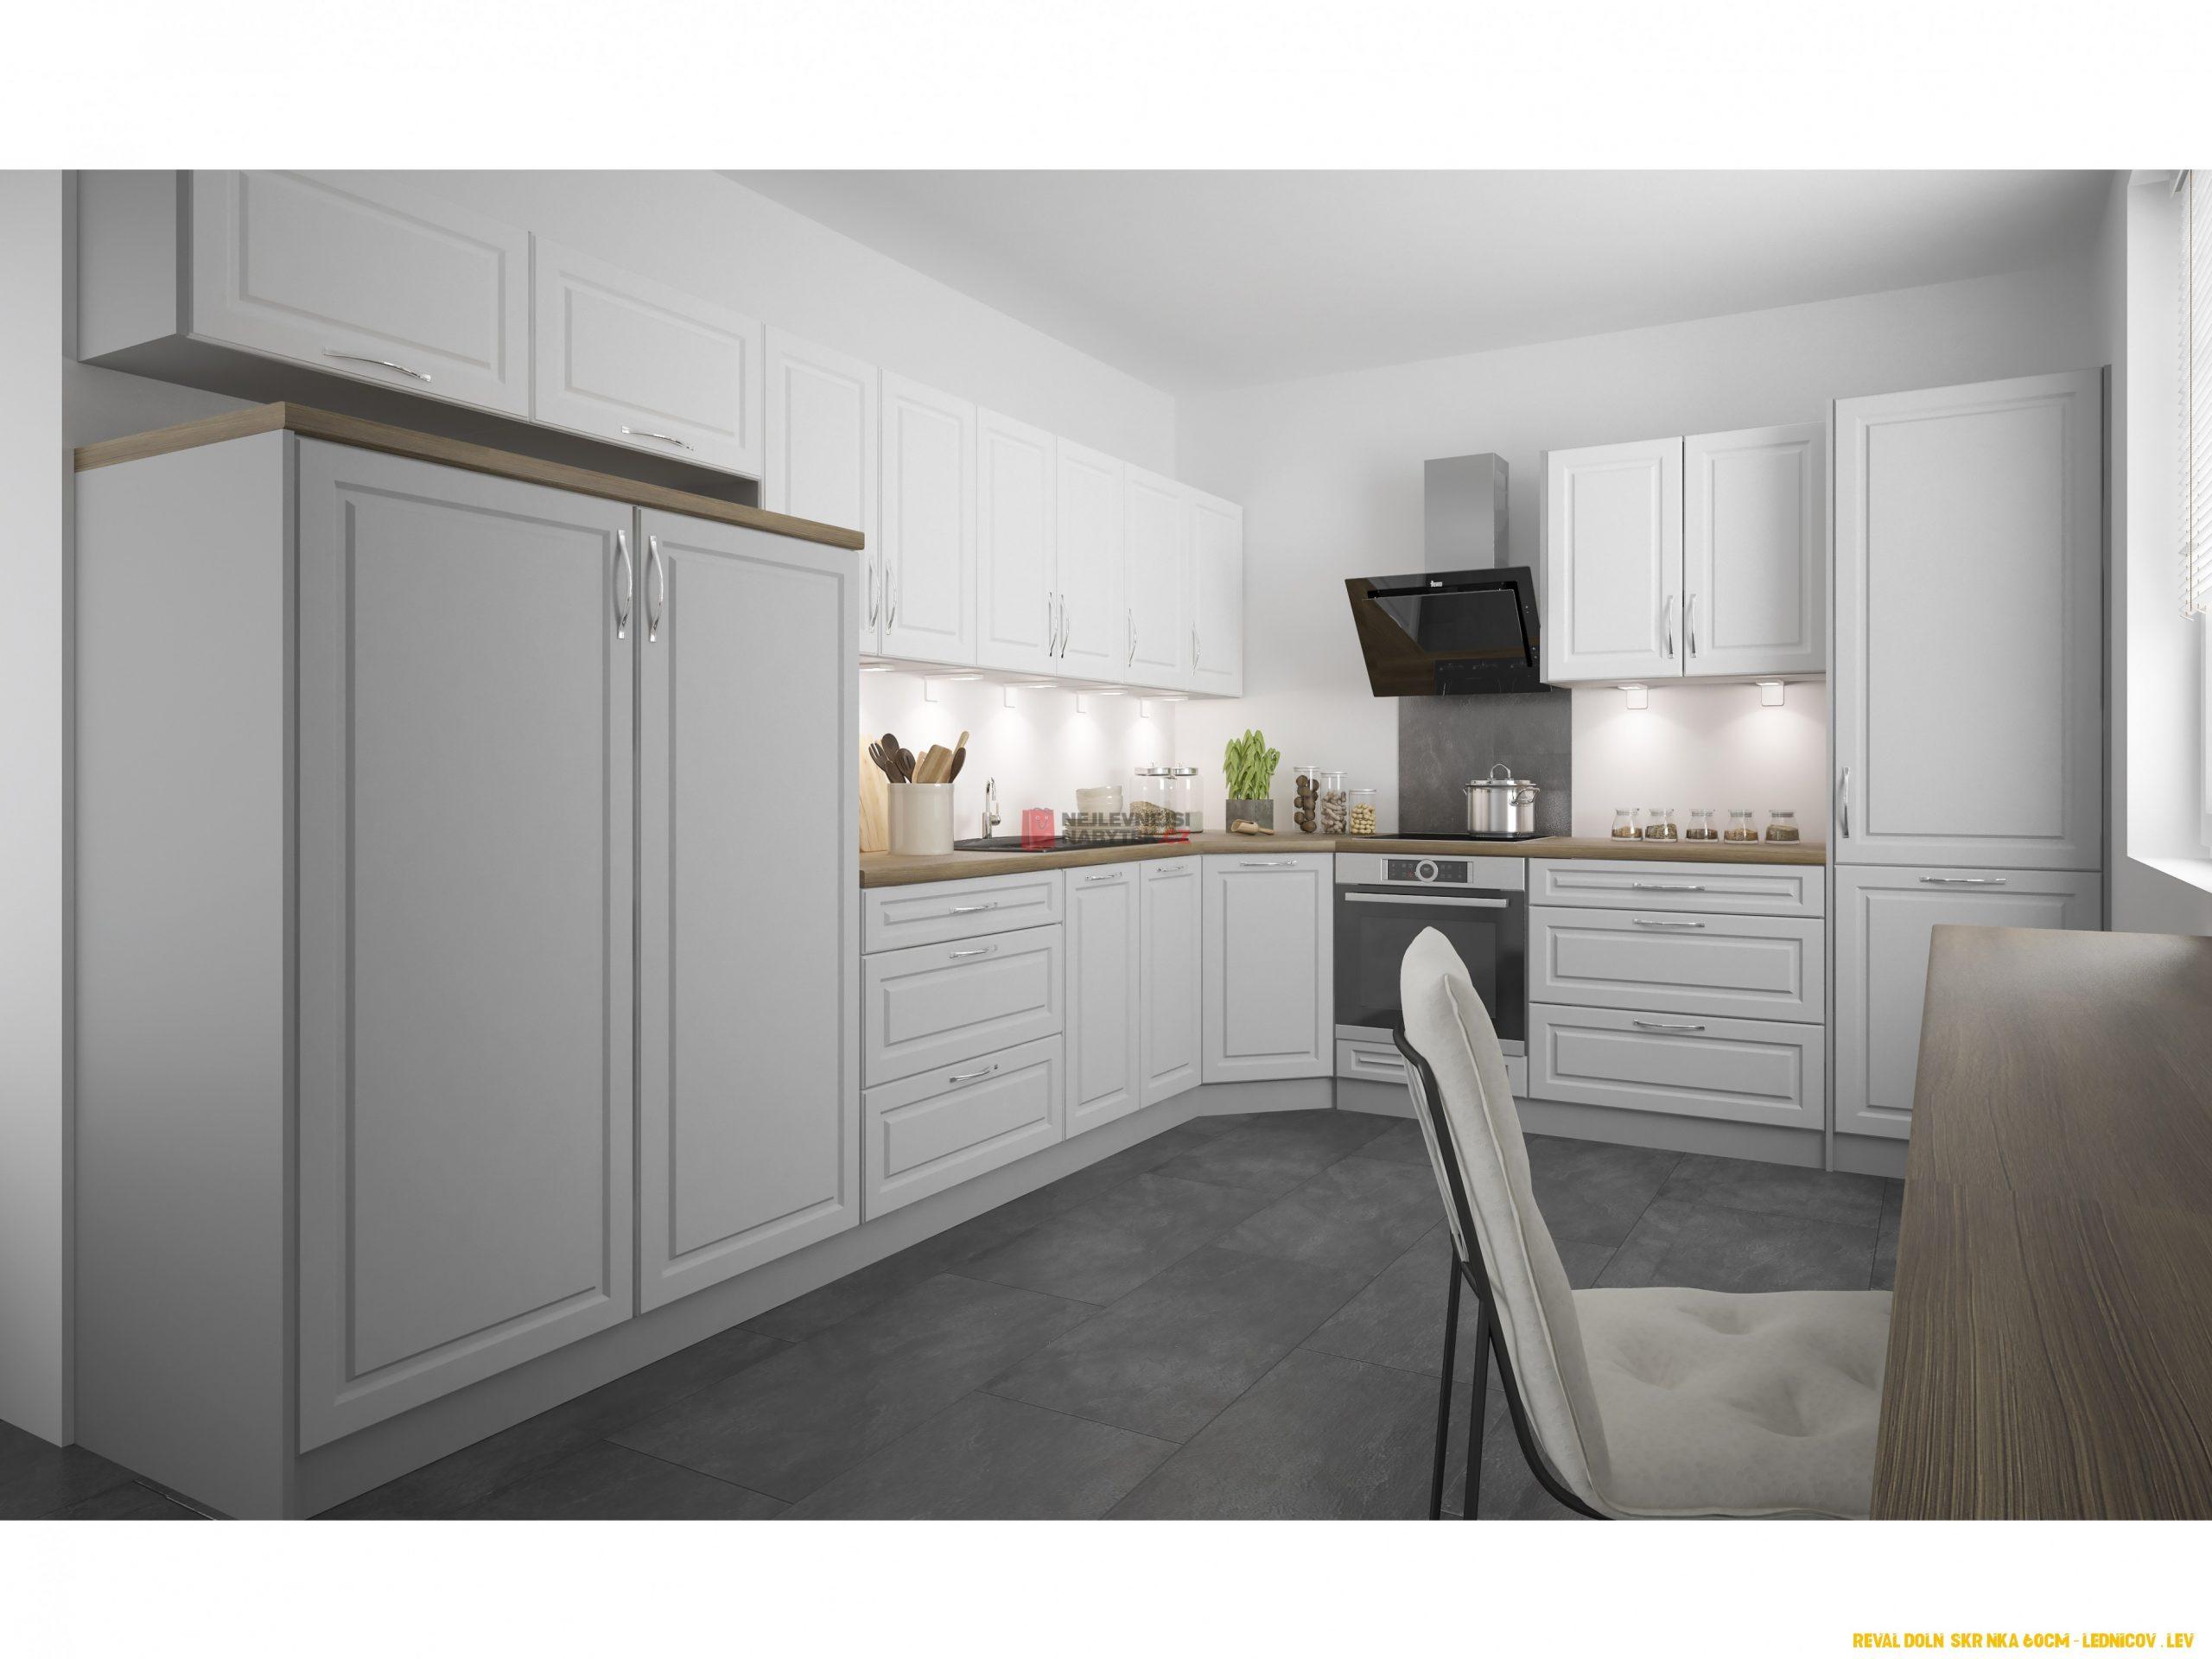 Rohová kuchyně CHANIE 4/4 cm, korpus grey, dvířka light grey stone +  white